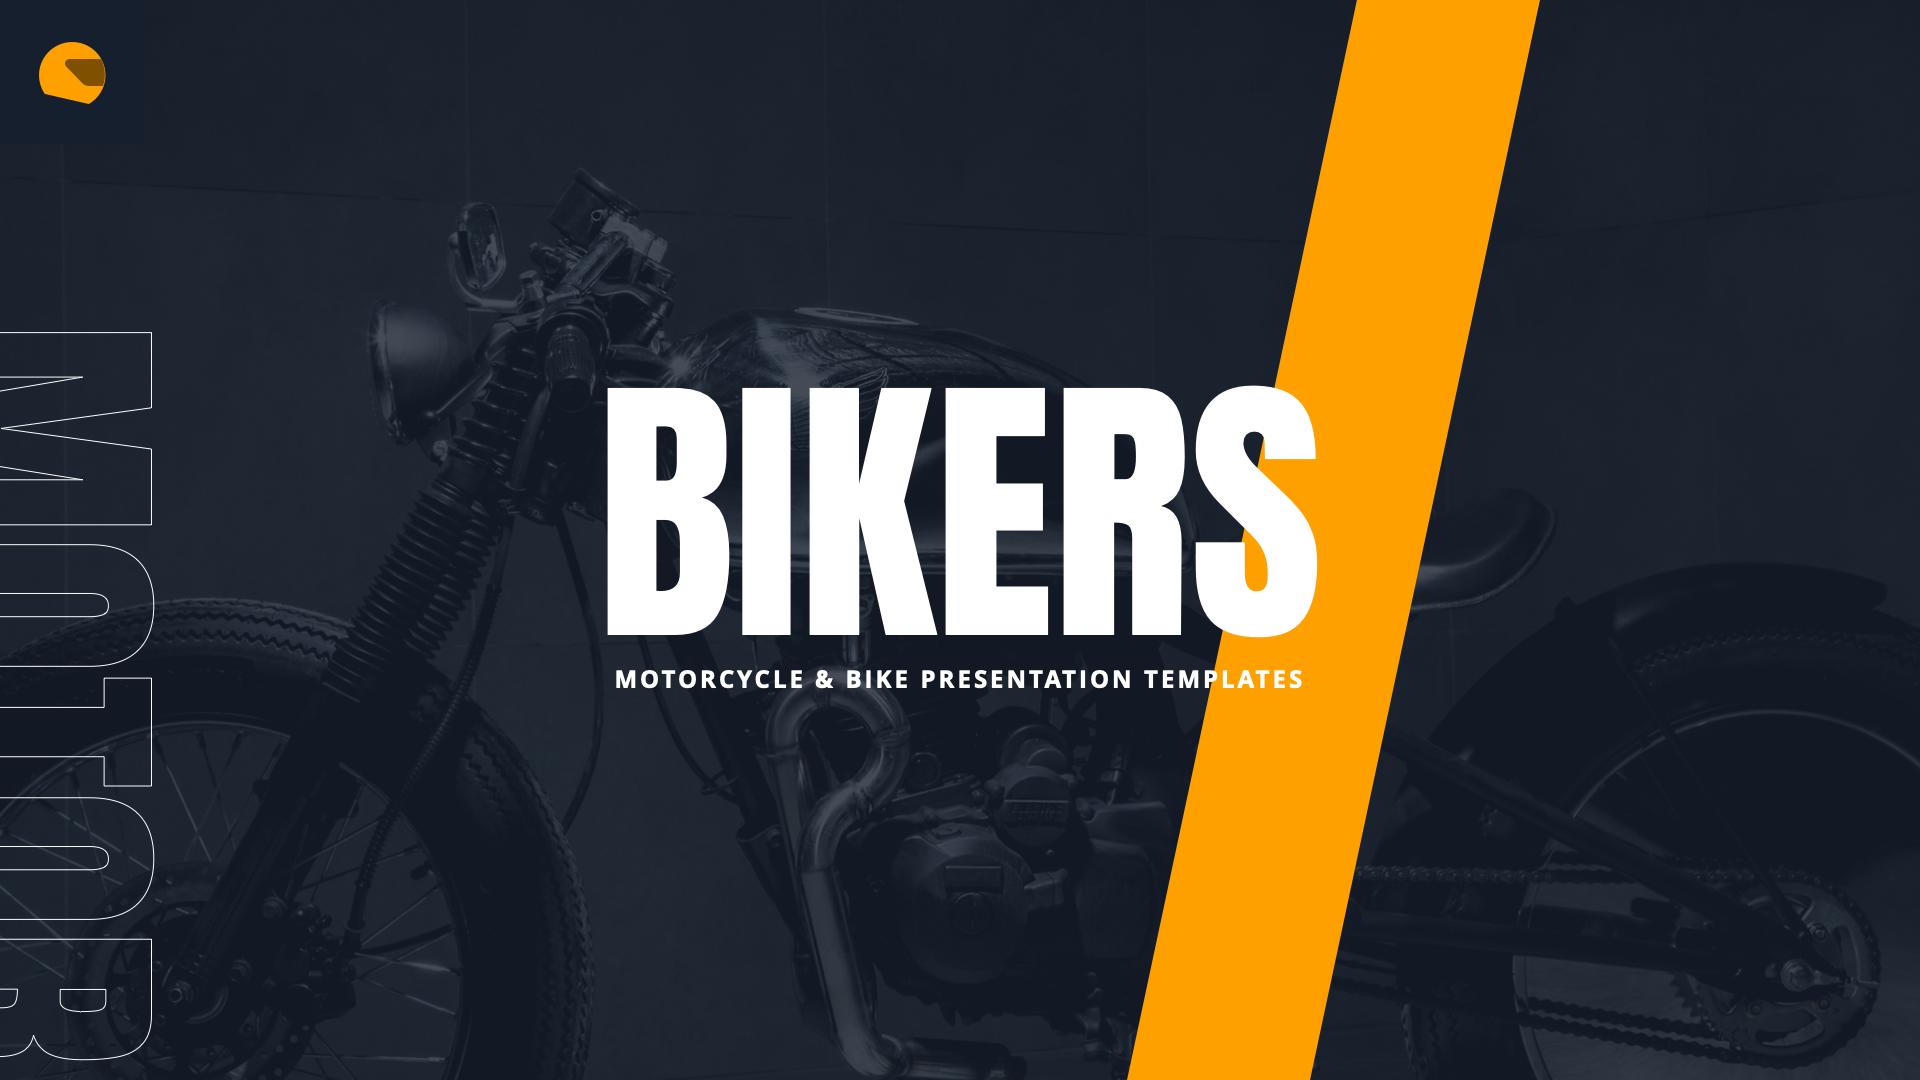 Bikers - Motorcycle & Bike Google Slides Template by MasdikaStudio